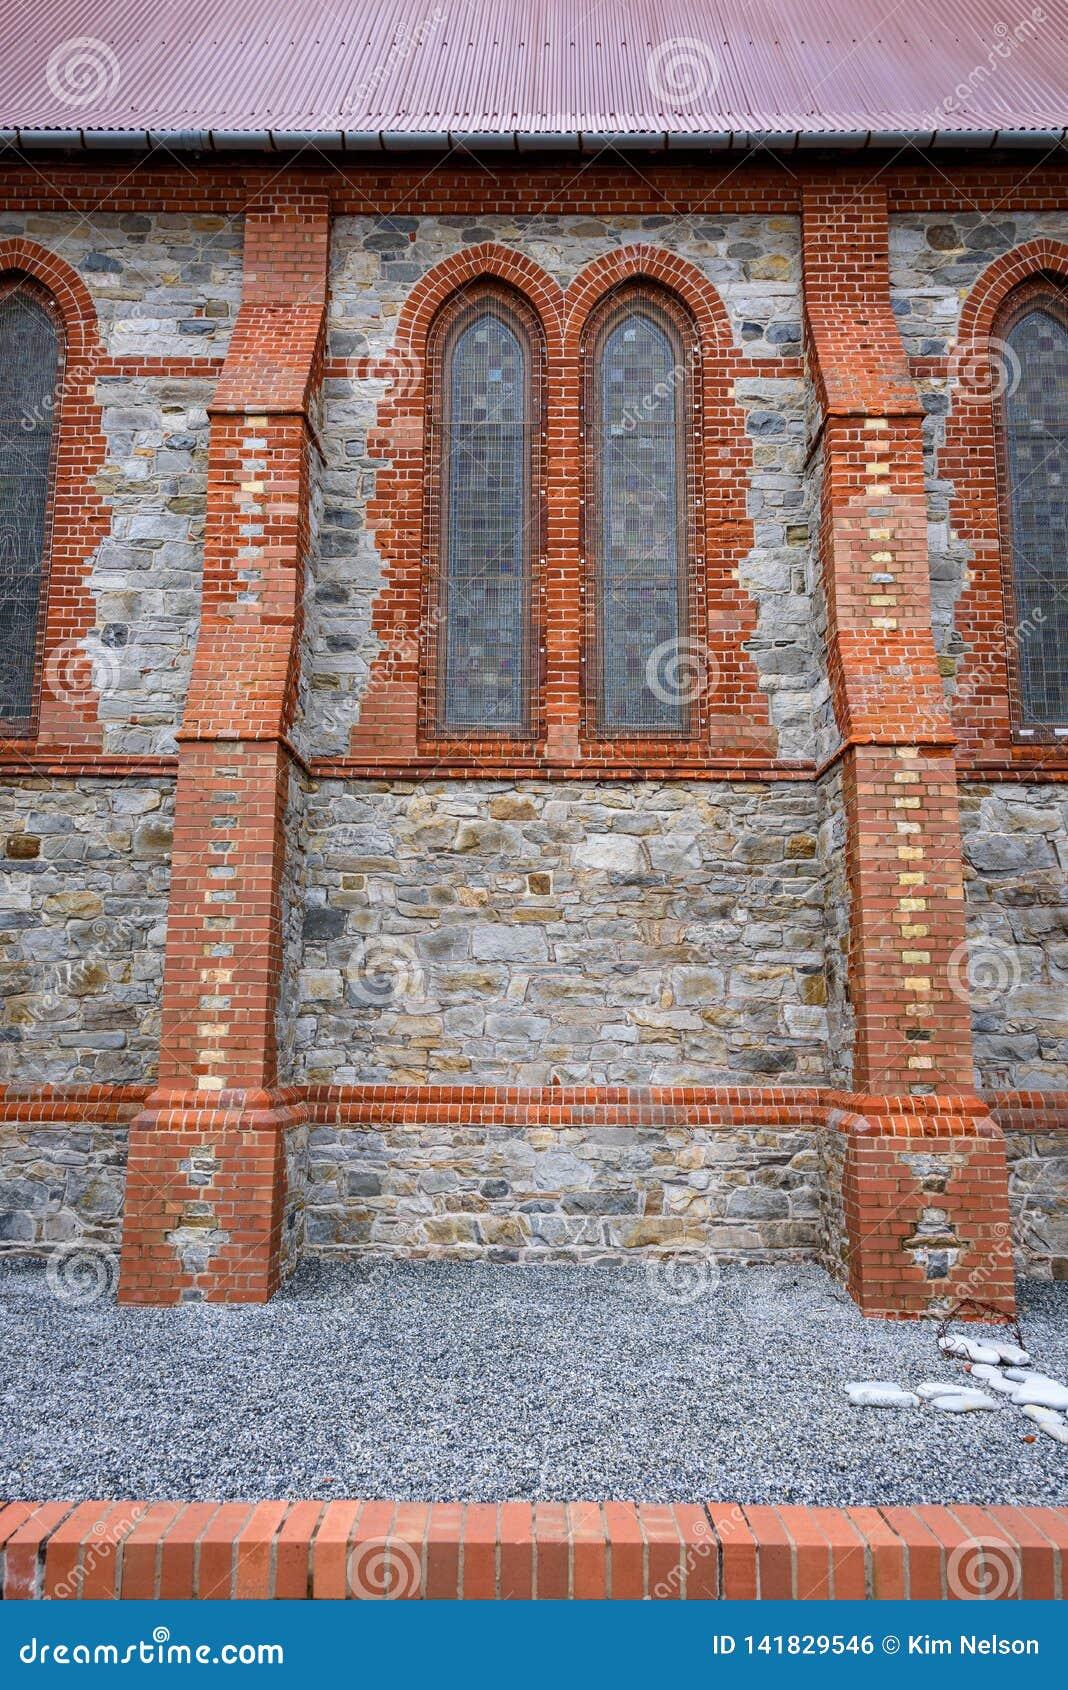 Detalle exterior de la piedra y del ladrillo de la catedral de la iglesia de Cristo, ventanas de vidrio de la mancha, tejado rojo